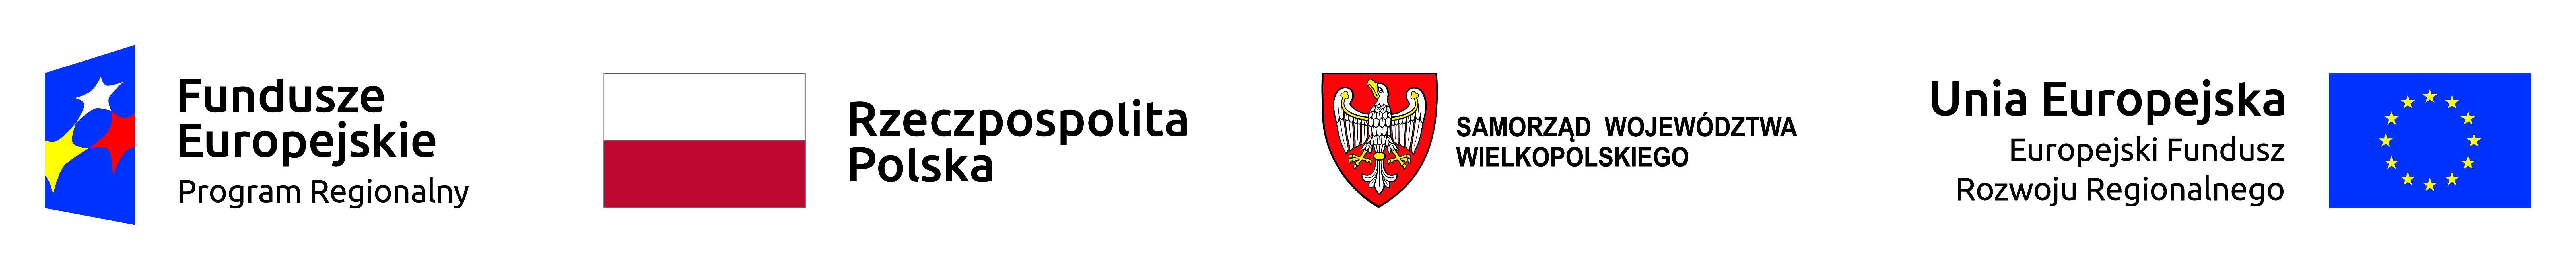 """Firma Grafor JACEK TOMKIEWICZ realizuje projekt pn. """"Wzrost efektywności energetycznej firmy Grafor JACEK TOMKIEWICZ zlokalizowanej w miejscowości Luboń, w powiecie poznańskim"""".  Realizacja projektu ma na celu podniesienie efektywności energetycznej firmy Grafor, a także wprowadzenie innowacji produktowej i procesowej w celu wzmocnienia konkurencyjności firmy.  Całkowita wartość Projektu wynosi 1 400 208,88 PLN, w tym wydatki kwalifikowalne Projektu wynoszą 1 138 381,20 PLN, a wartość dofinansowania 739 947,78 PLN.  Okres realizacji projektu: od 1 kwietnia 2018 roku do 31 grudnia 2018 r."""